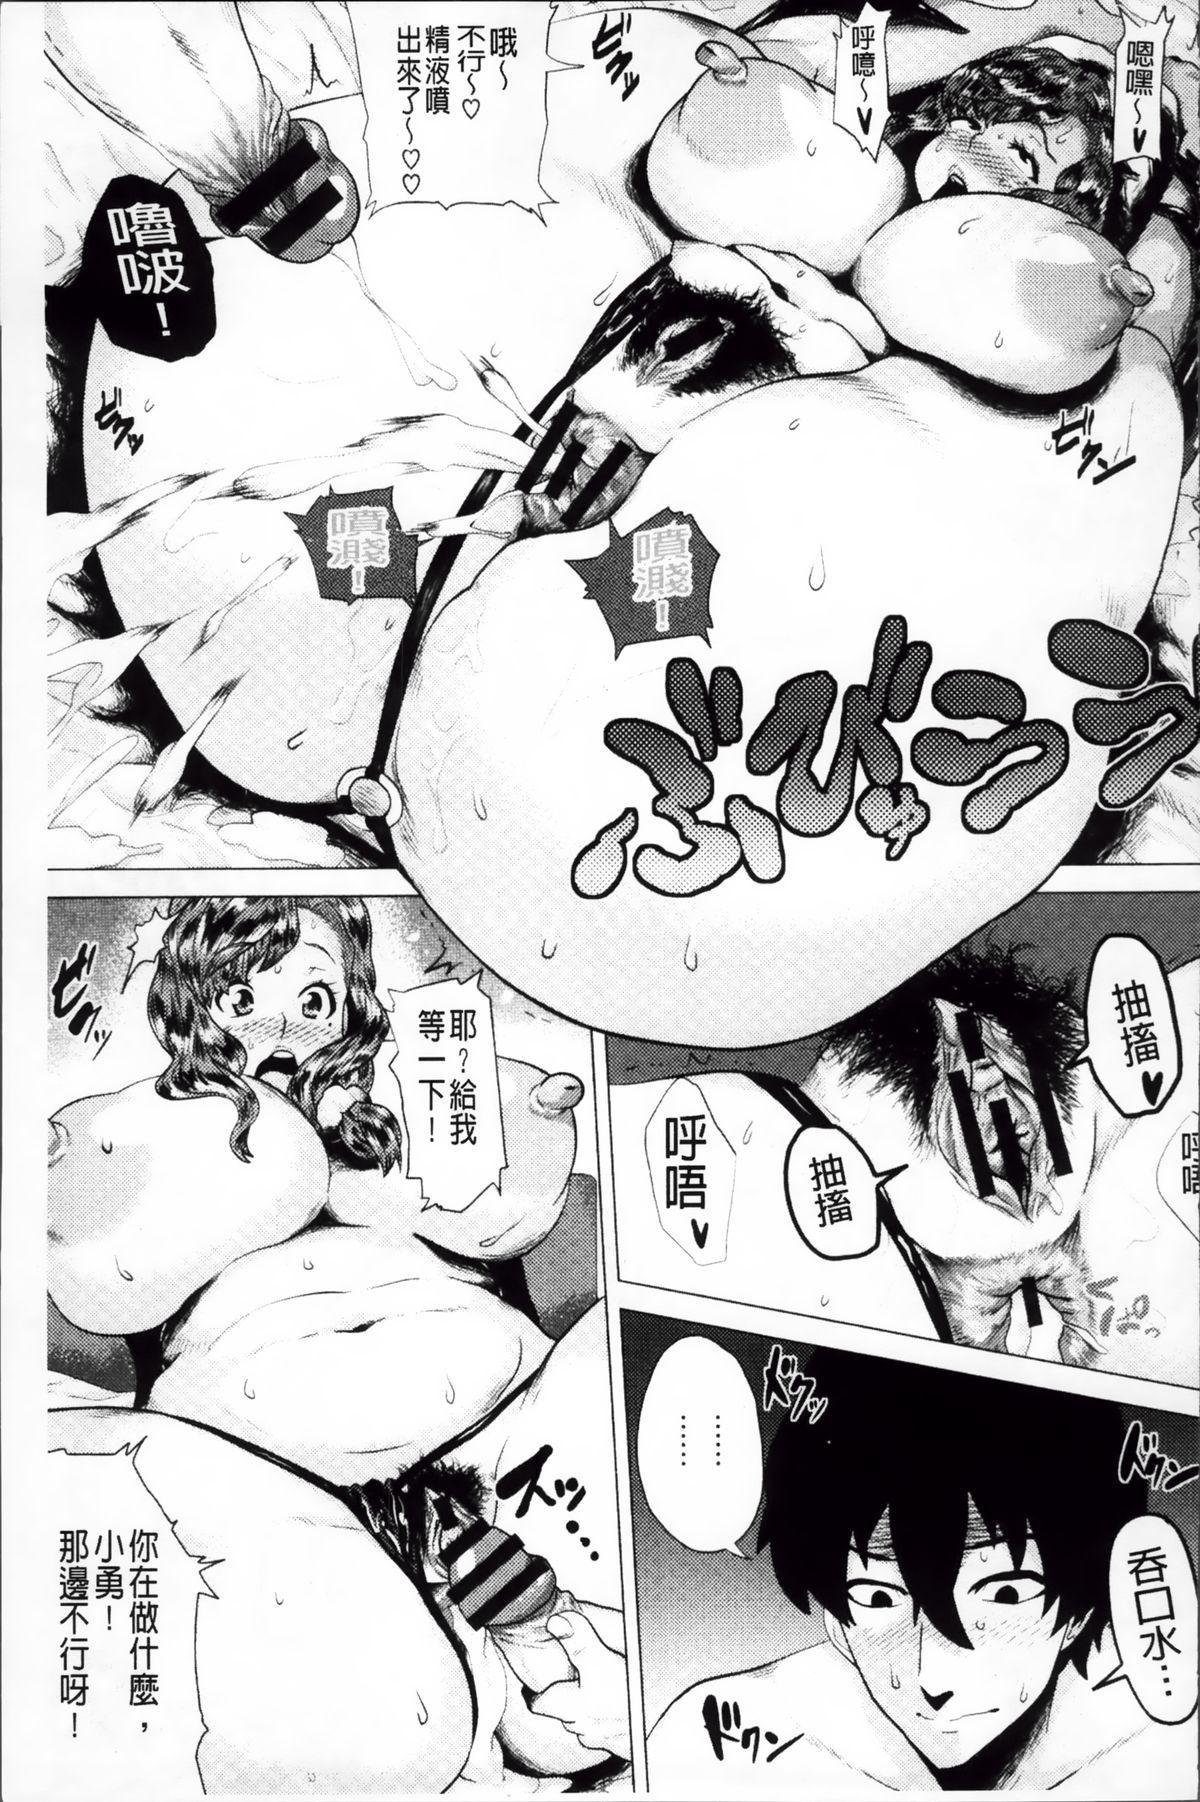 Megabody Night - Watashi no Oniku o Meshiagare 68